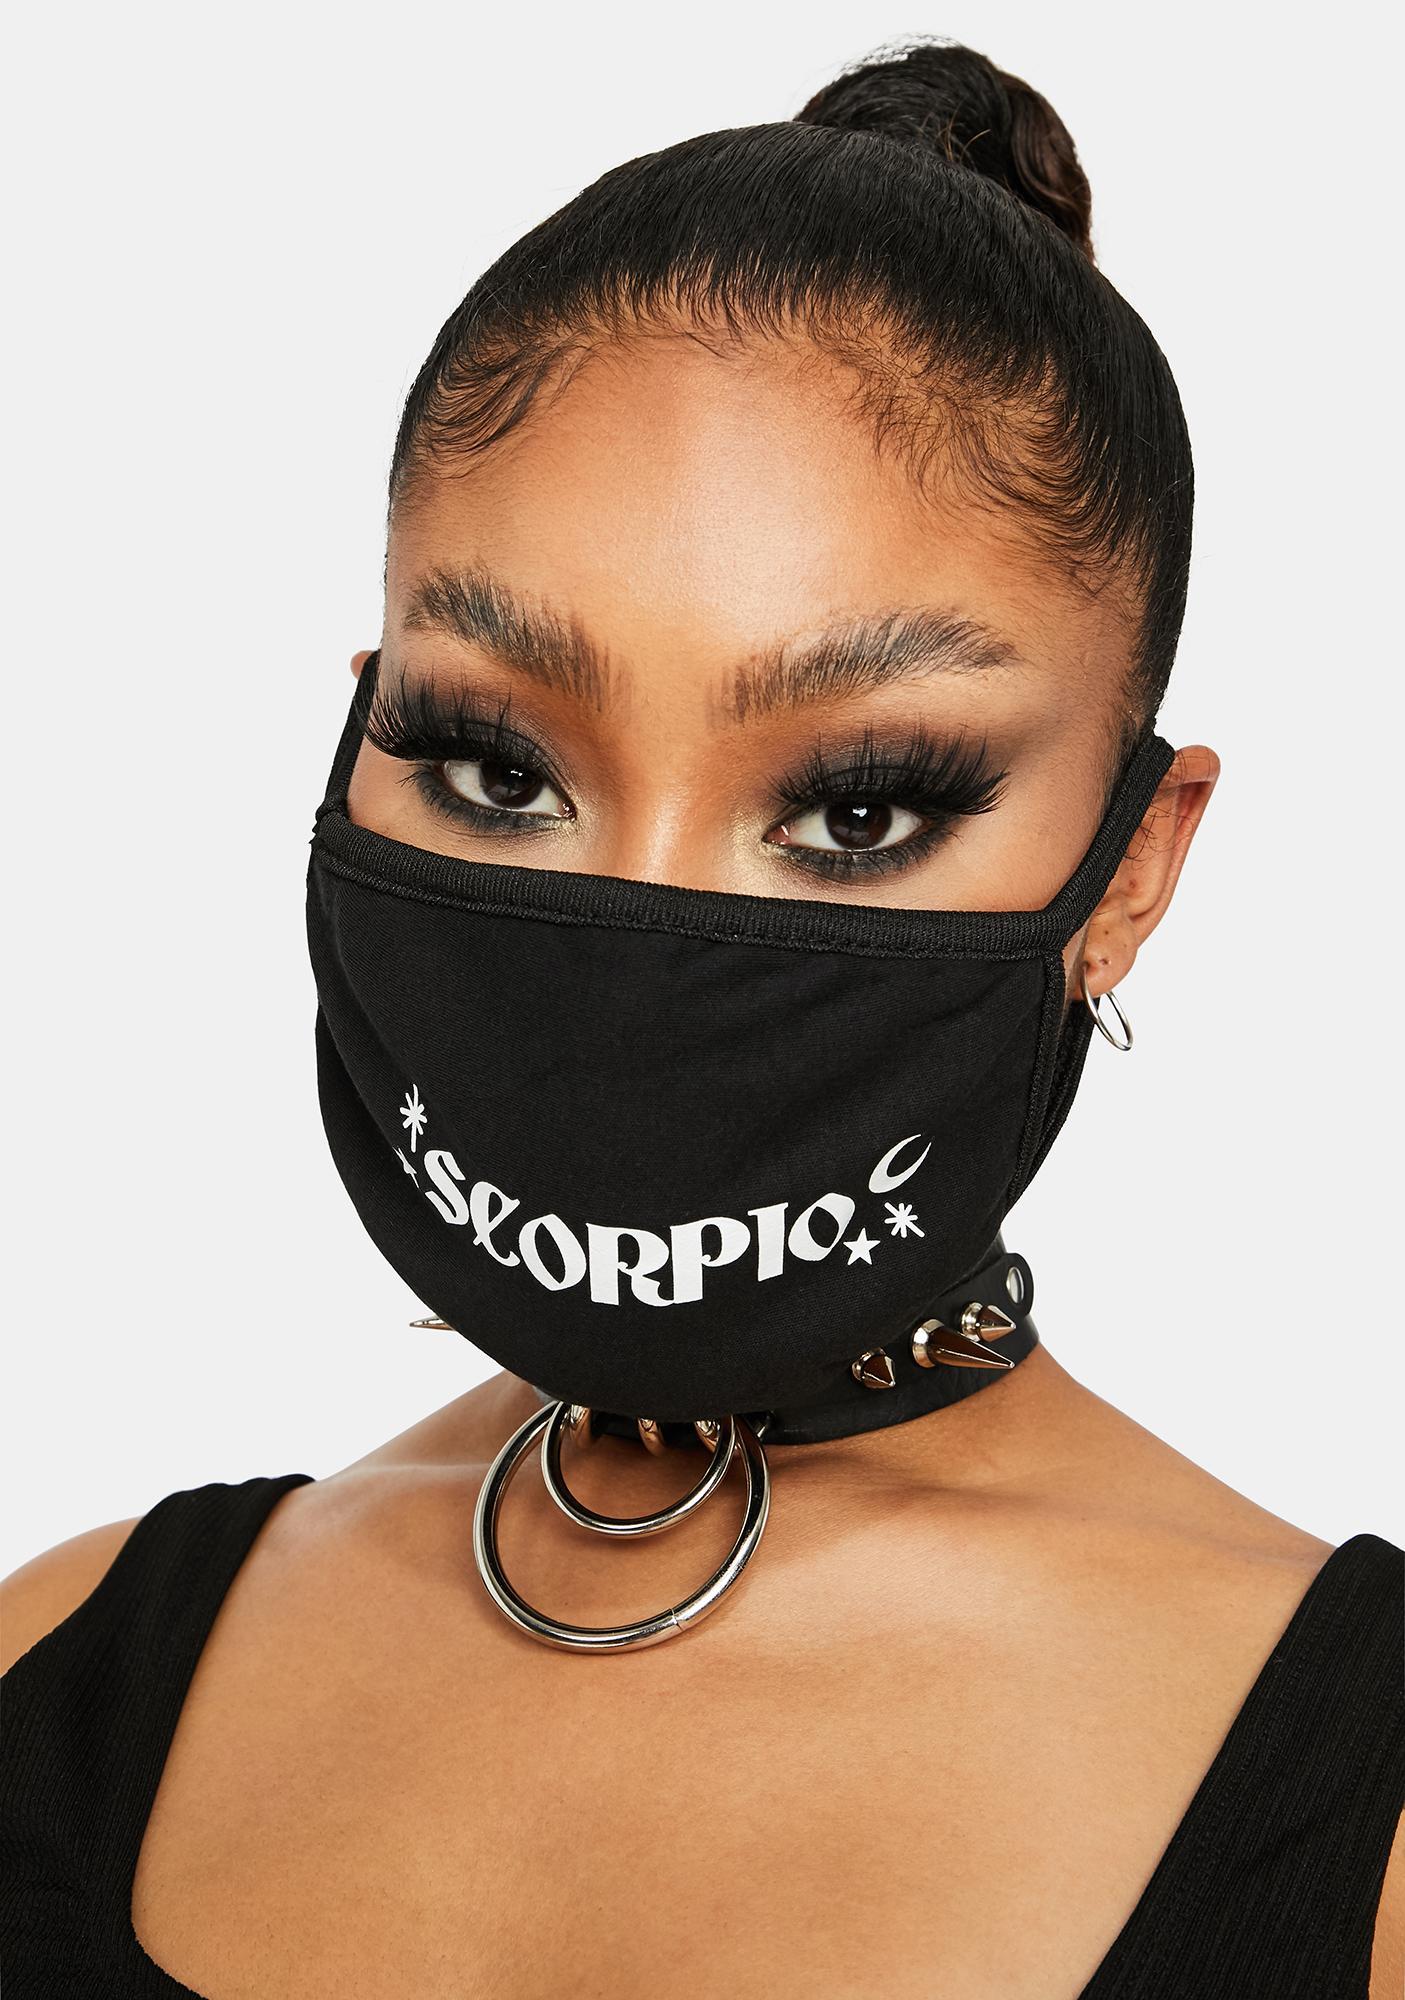 Team Scorpio Face Mask